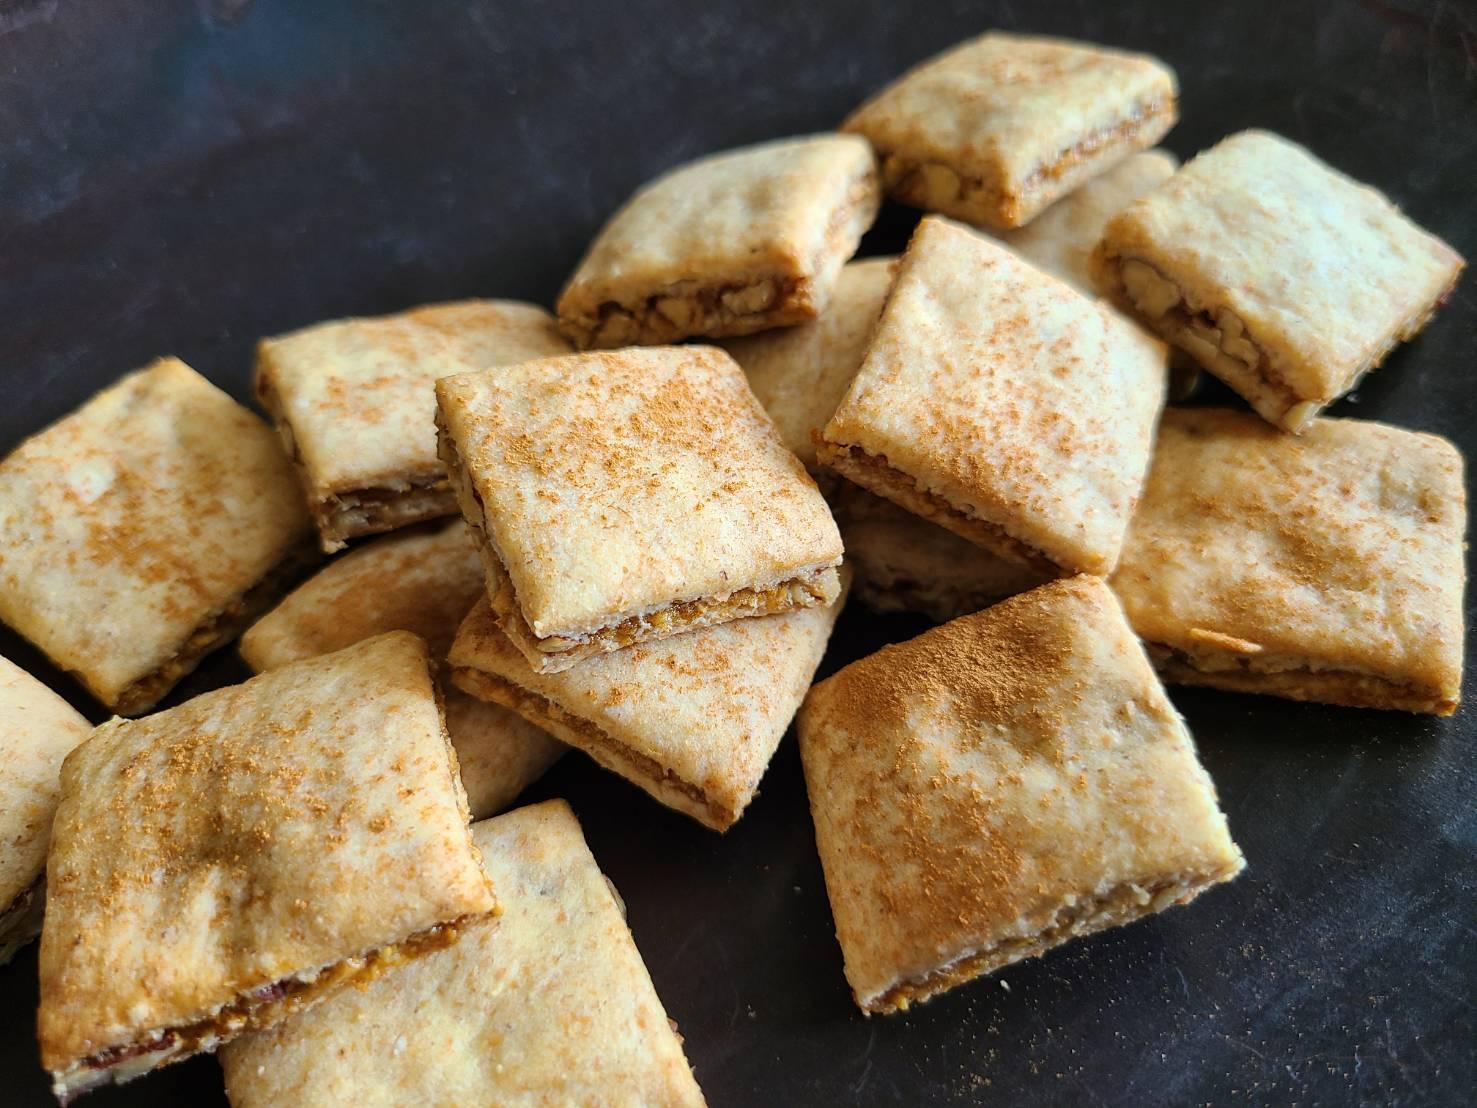 一口サイズに焼き上げたクッキーサンドが黒皿に並んでいます。